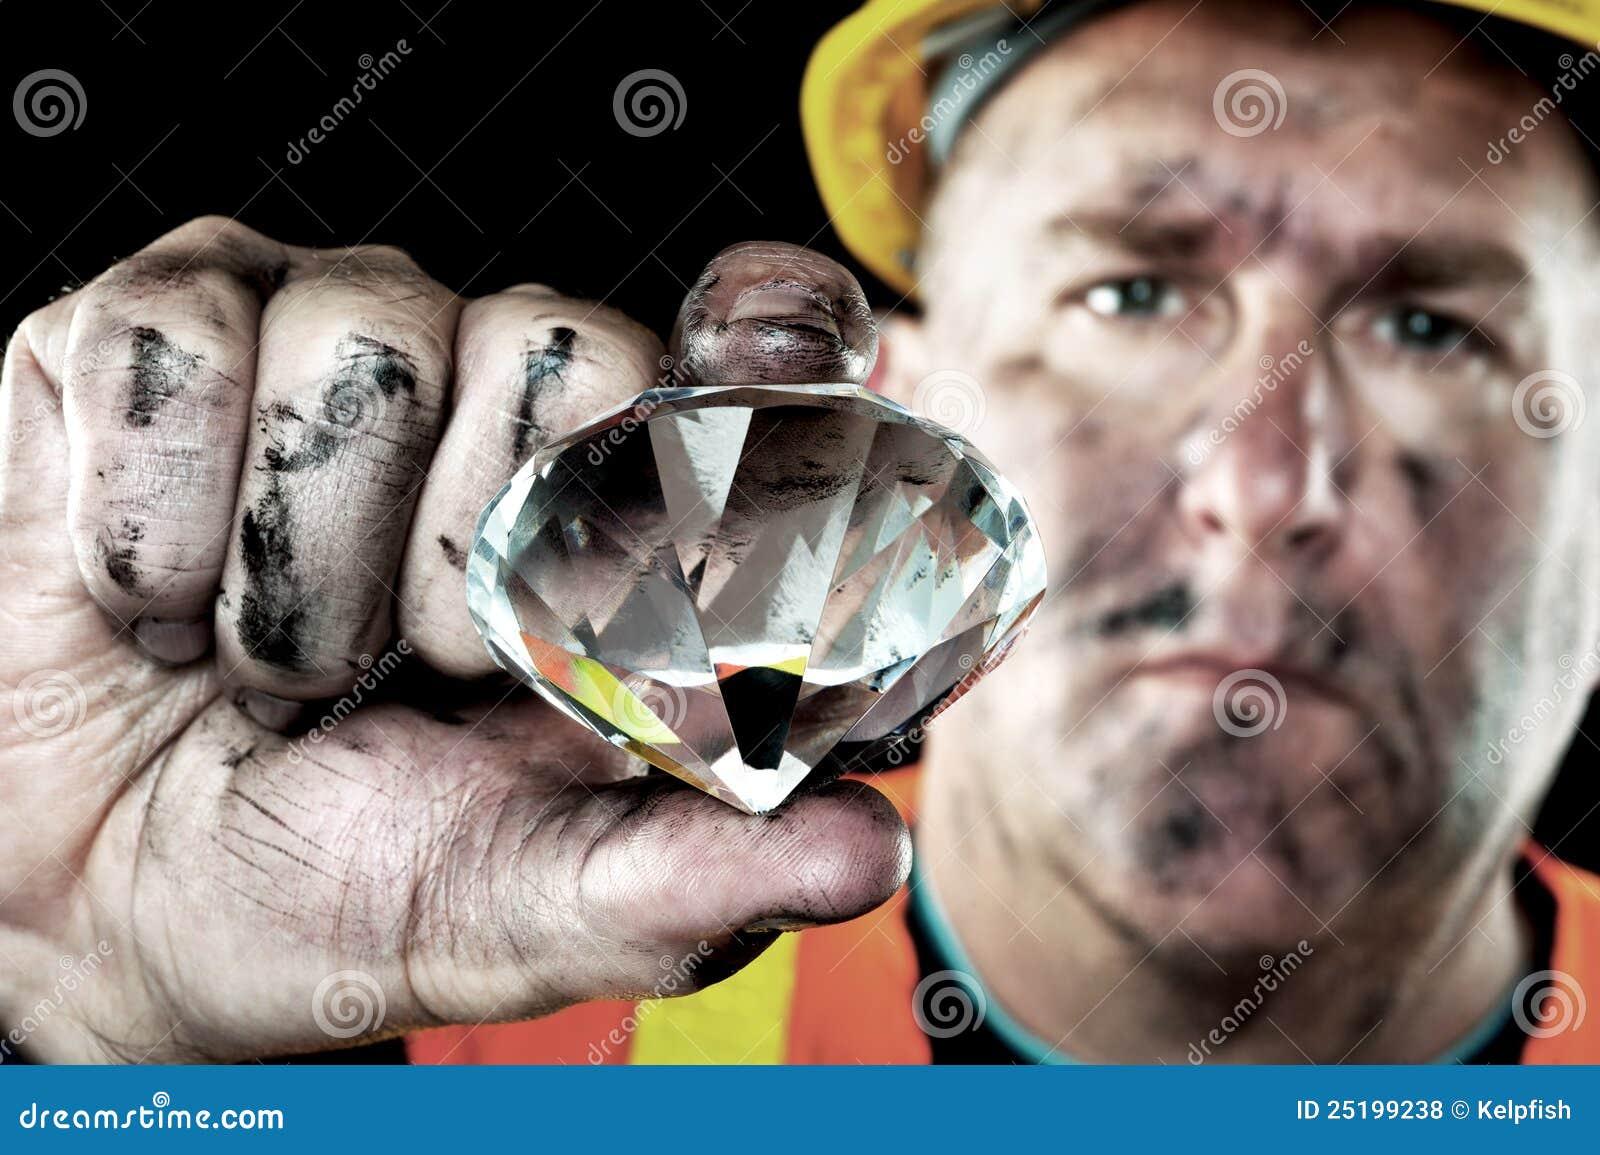 dimond miner